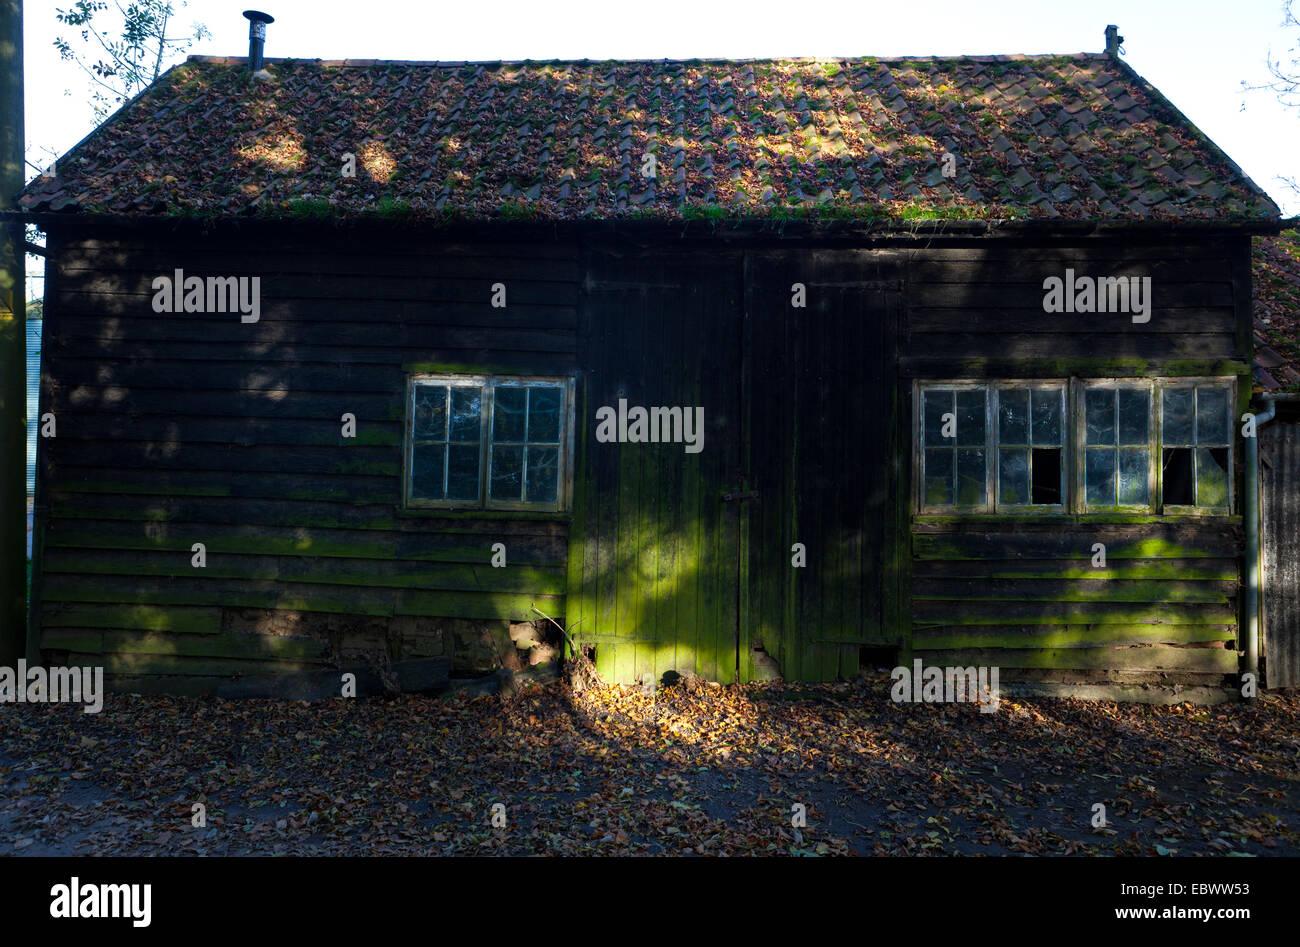 old barn at suffolk, uk - Stock Image